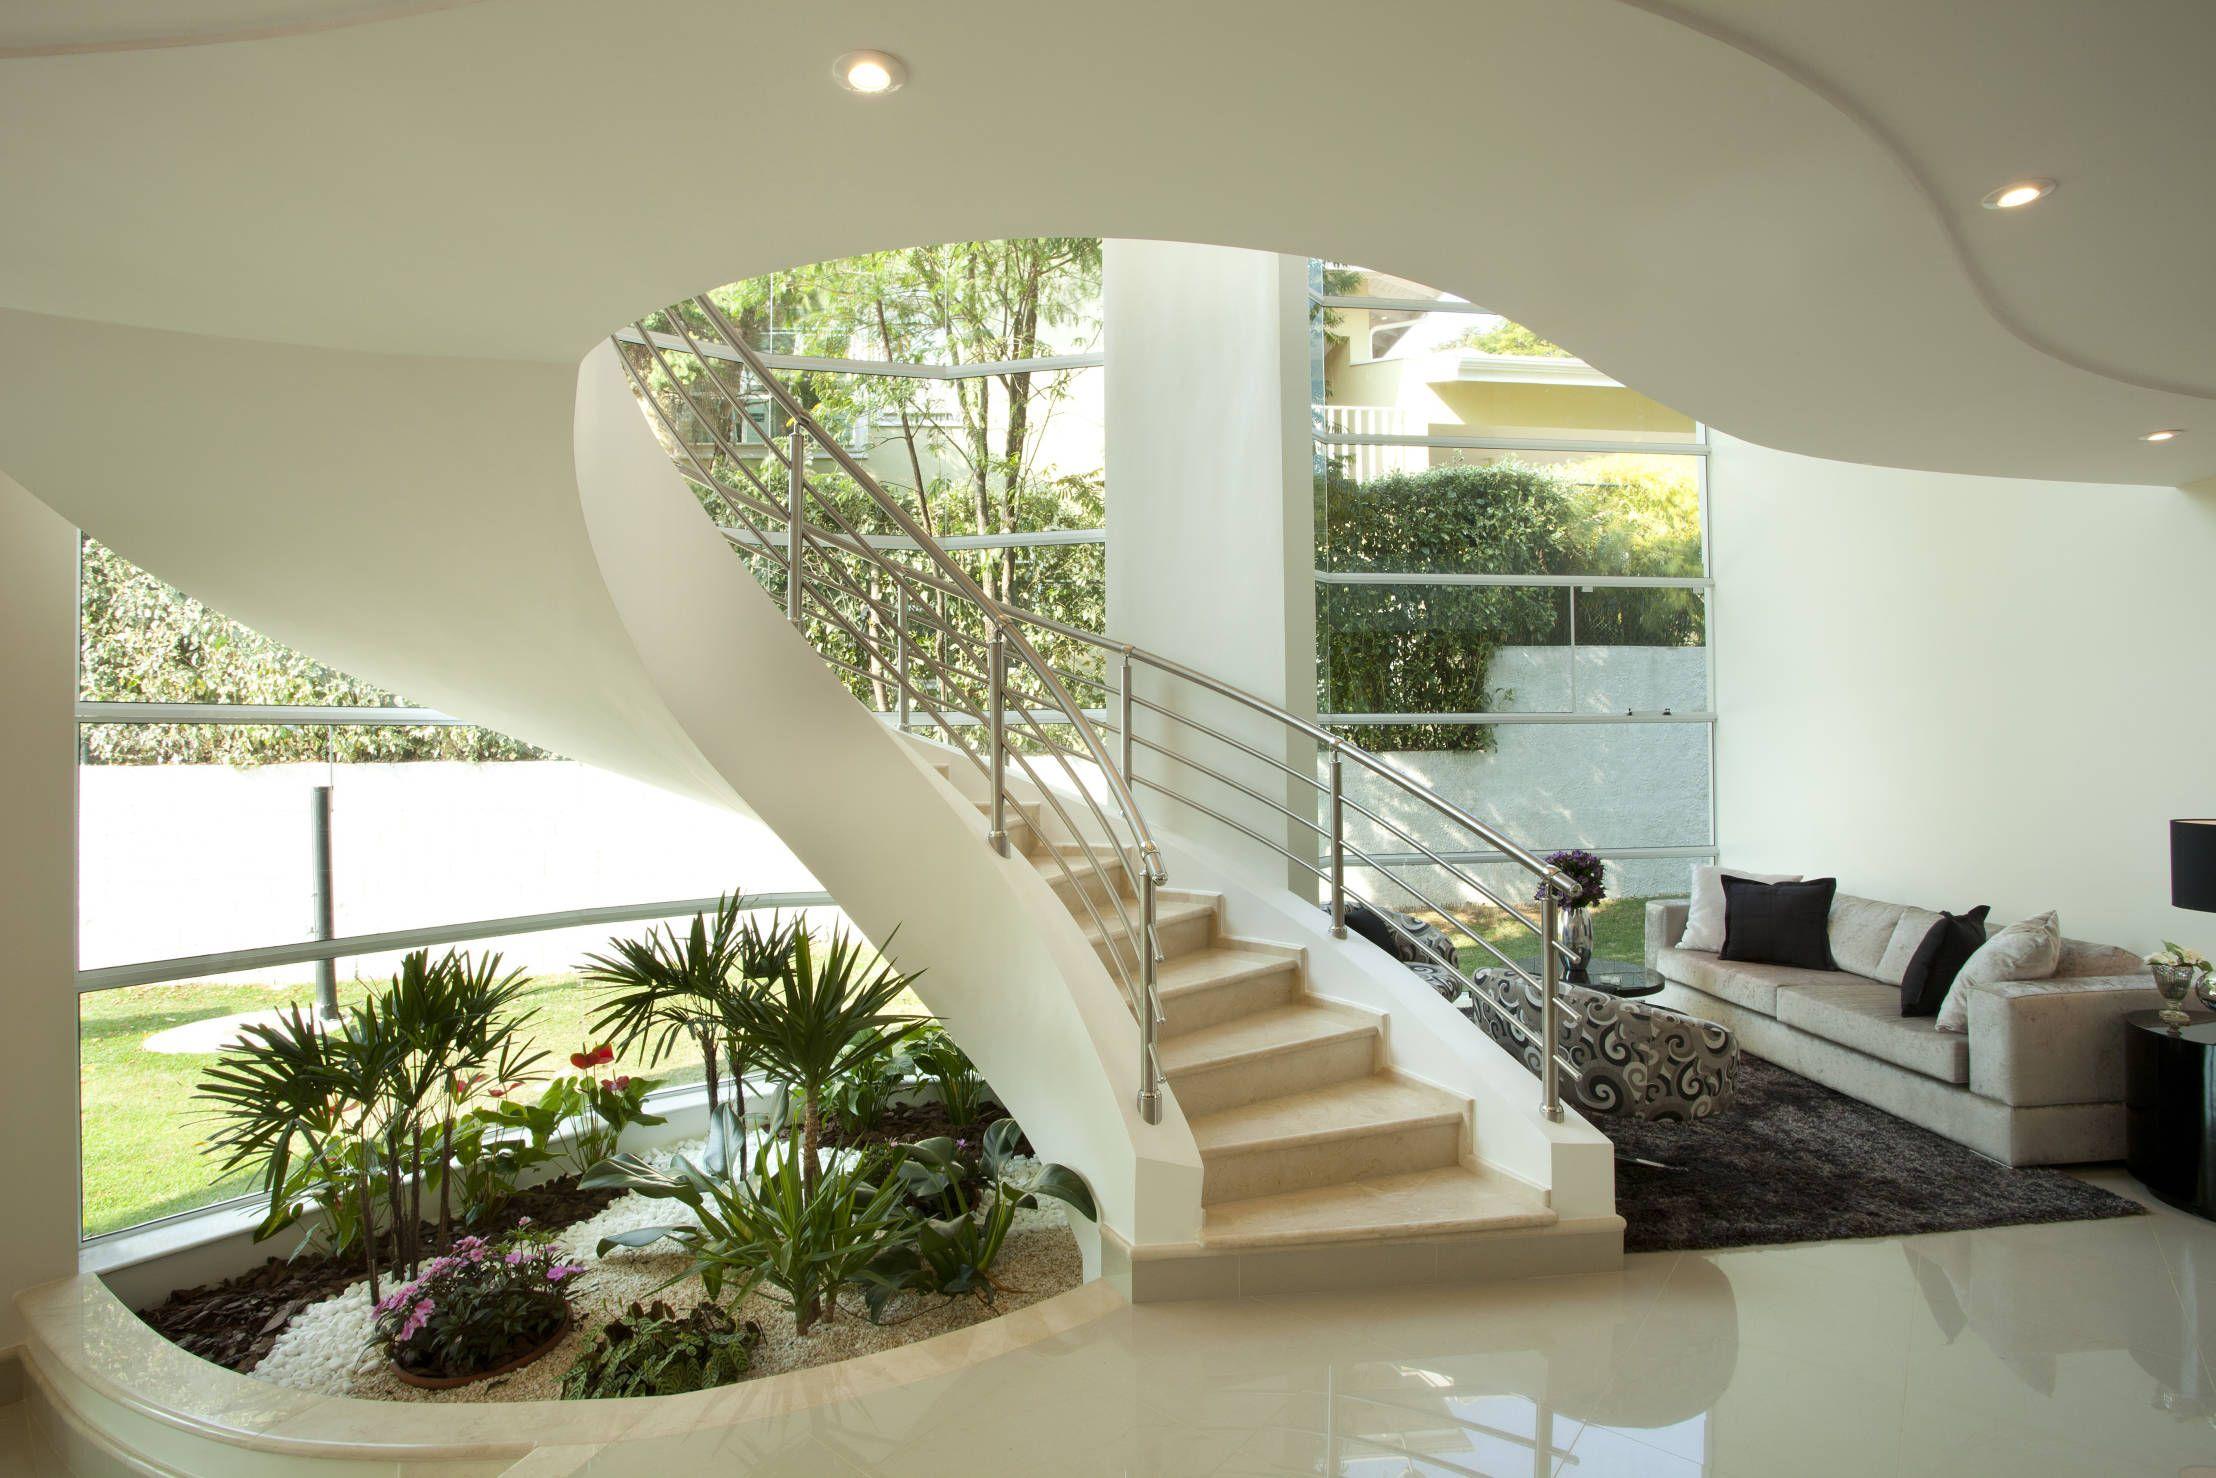 16 Salas Con Escalera Modernas Y Fantásticas Small Garden Under Stairs Modern Staircase Interior Garden